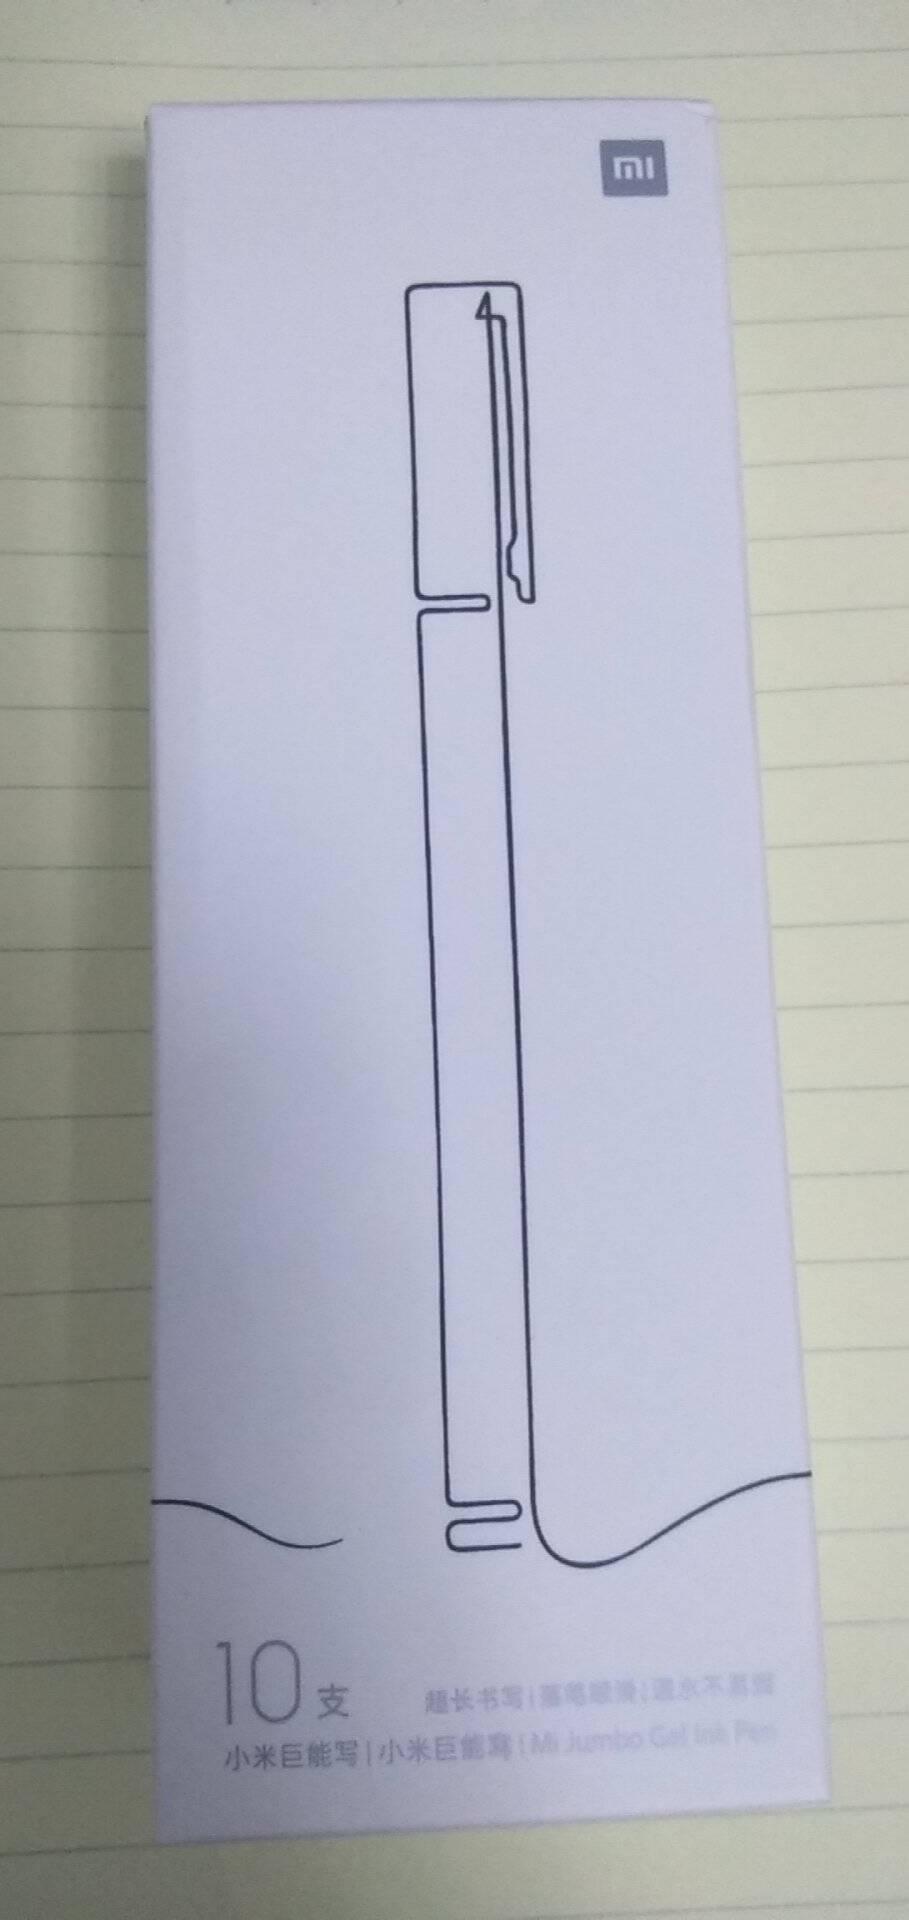 小米中性笔签字笔巨能写大容量0.5mm笔芯学生考试文具/办公室书写黑色/红色可选小米巨能写中性笔10支装黑色